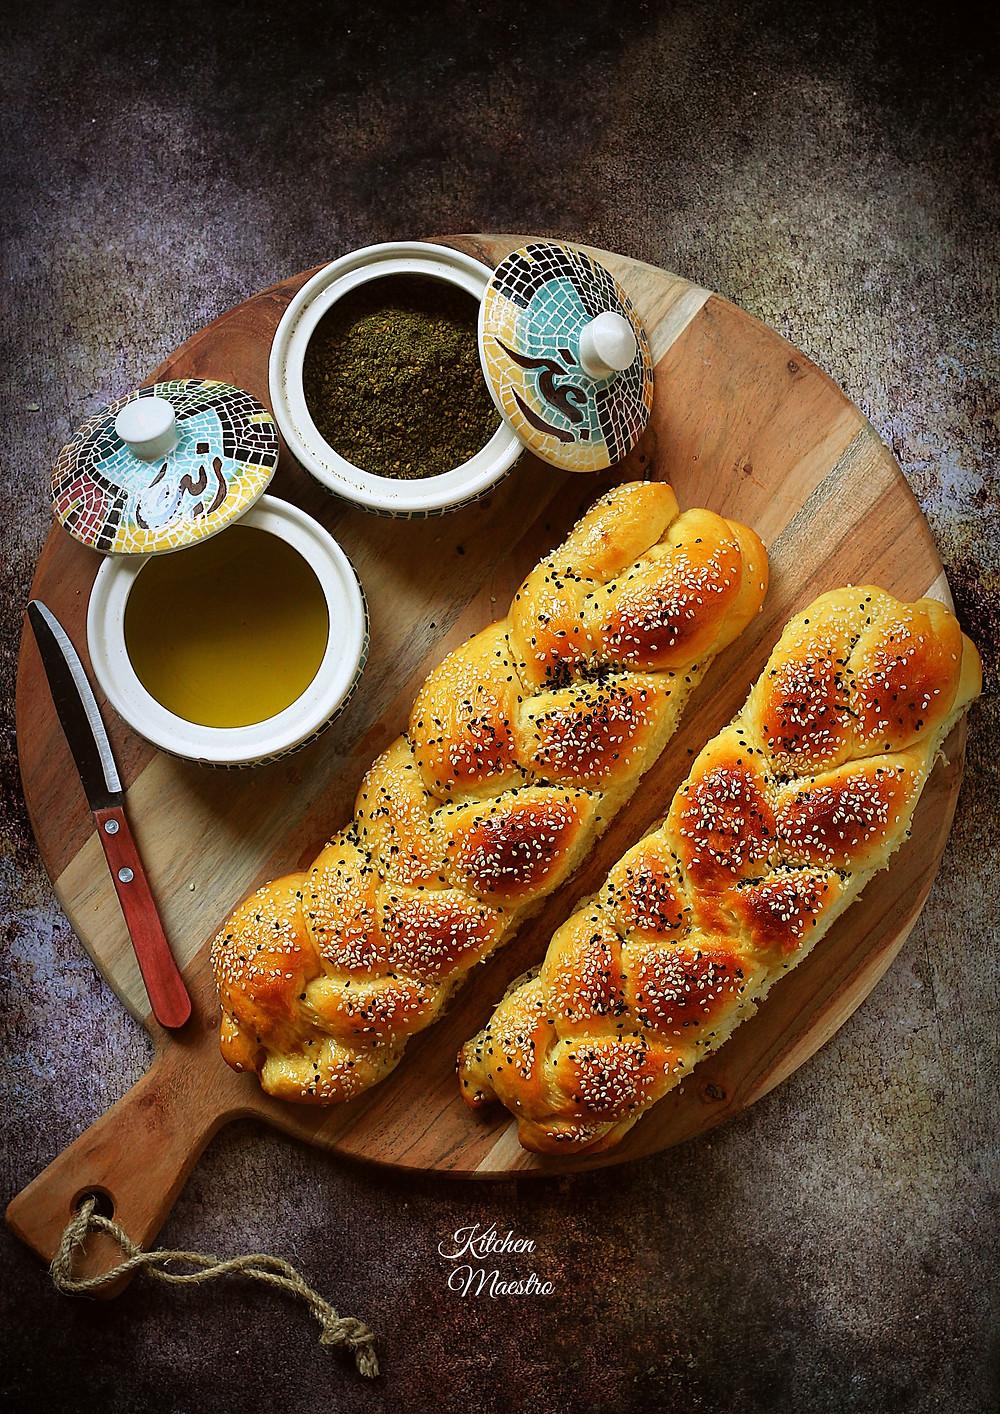 Ma'arouk bread